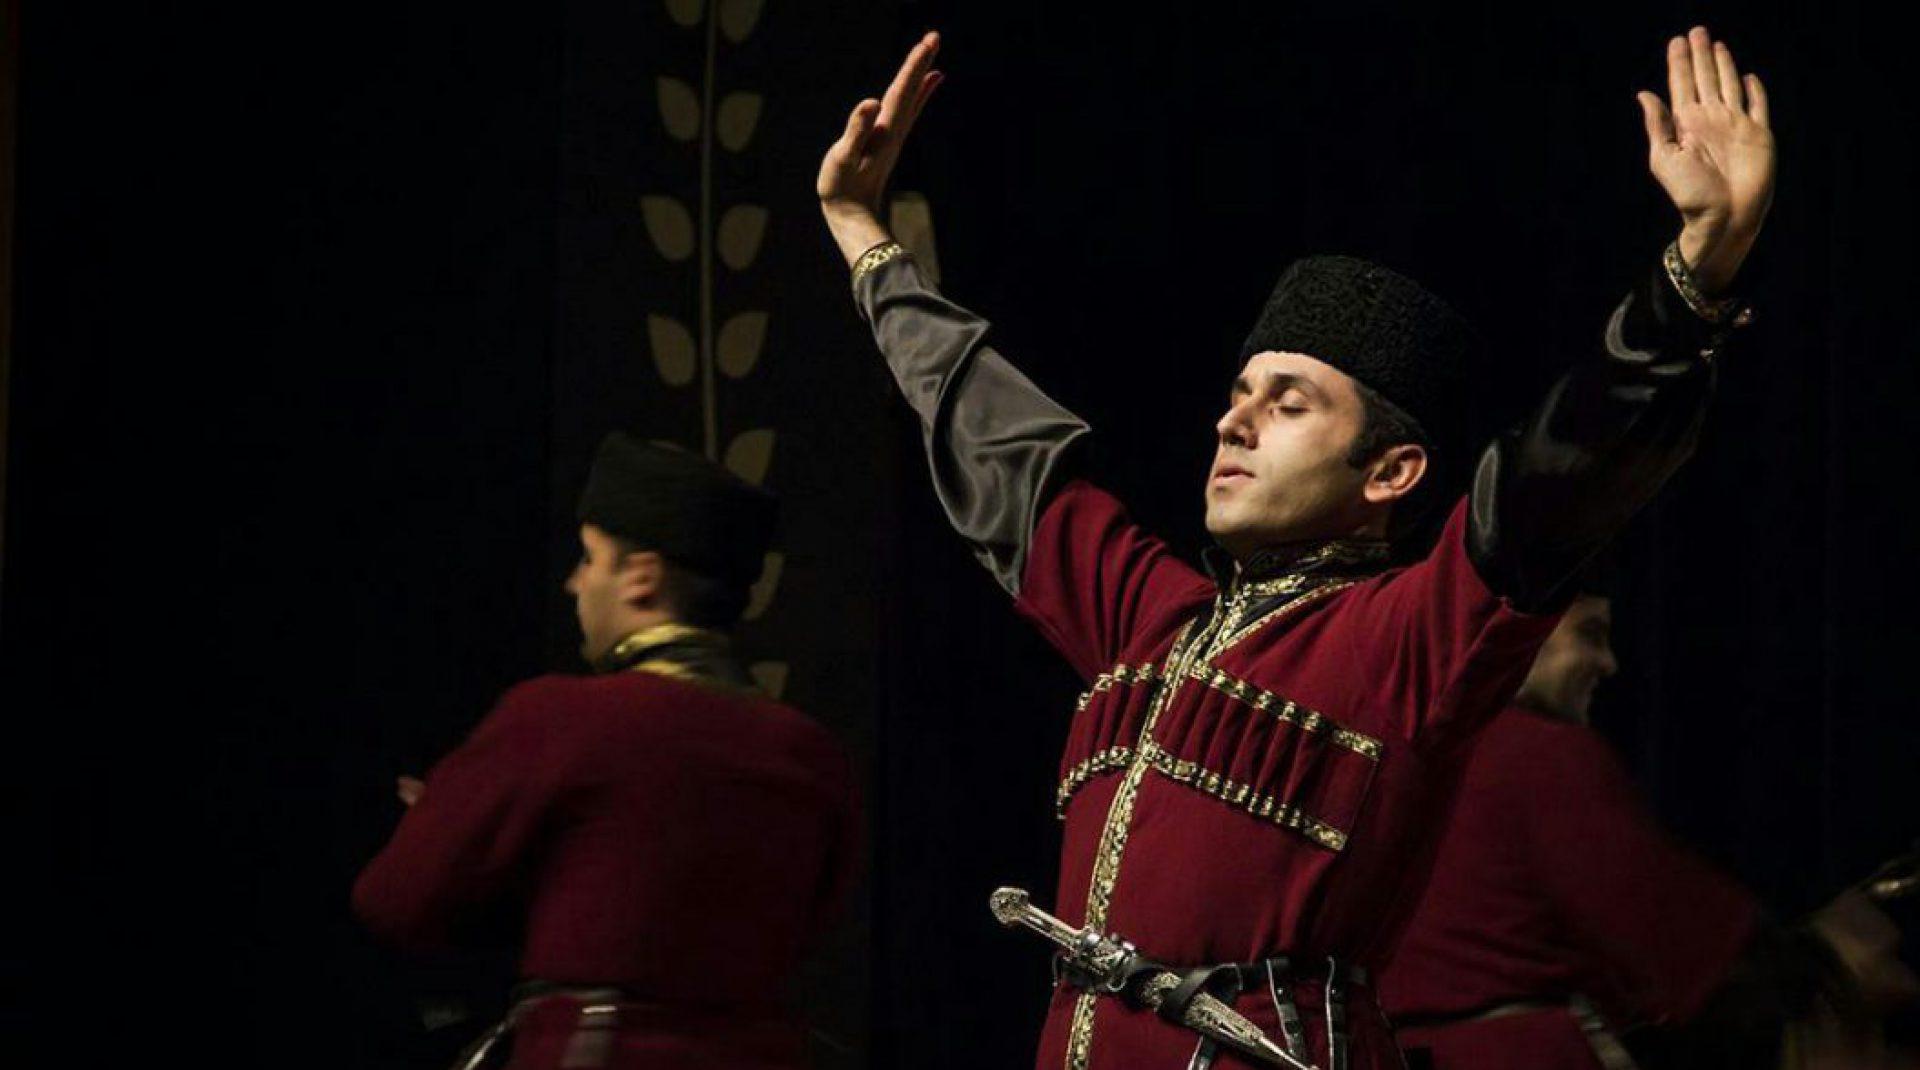 رقص آذری - رقص ترکی- سعید عبدی